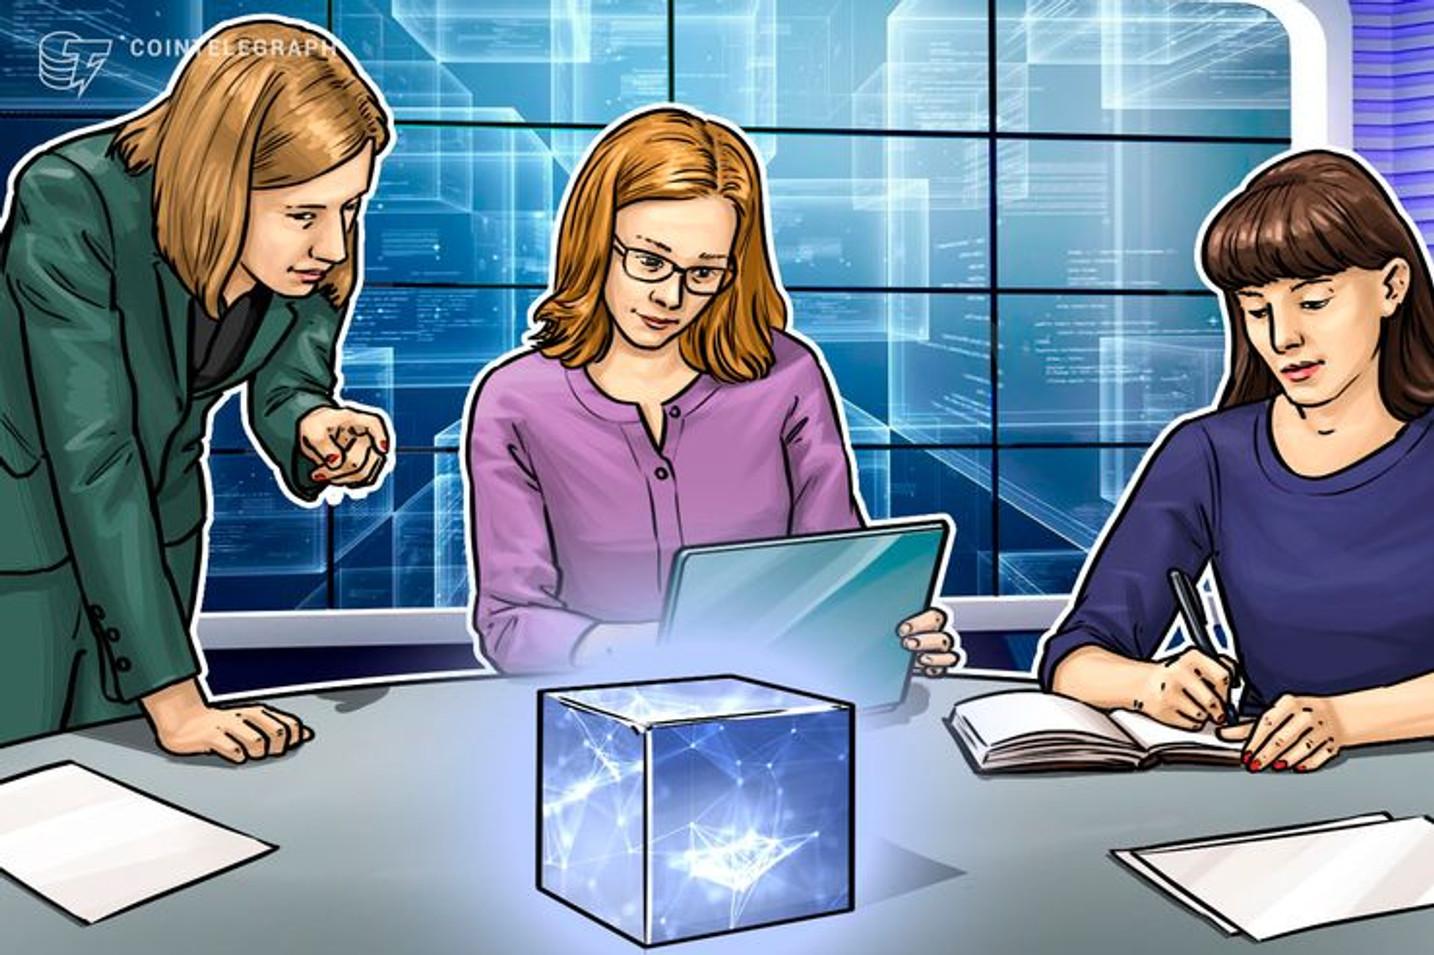 Österreich: Neues Blockchain-Forschungszentrum in St. Pölten